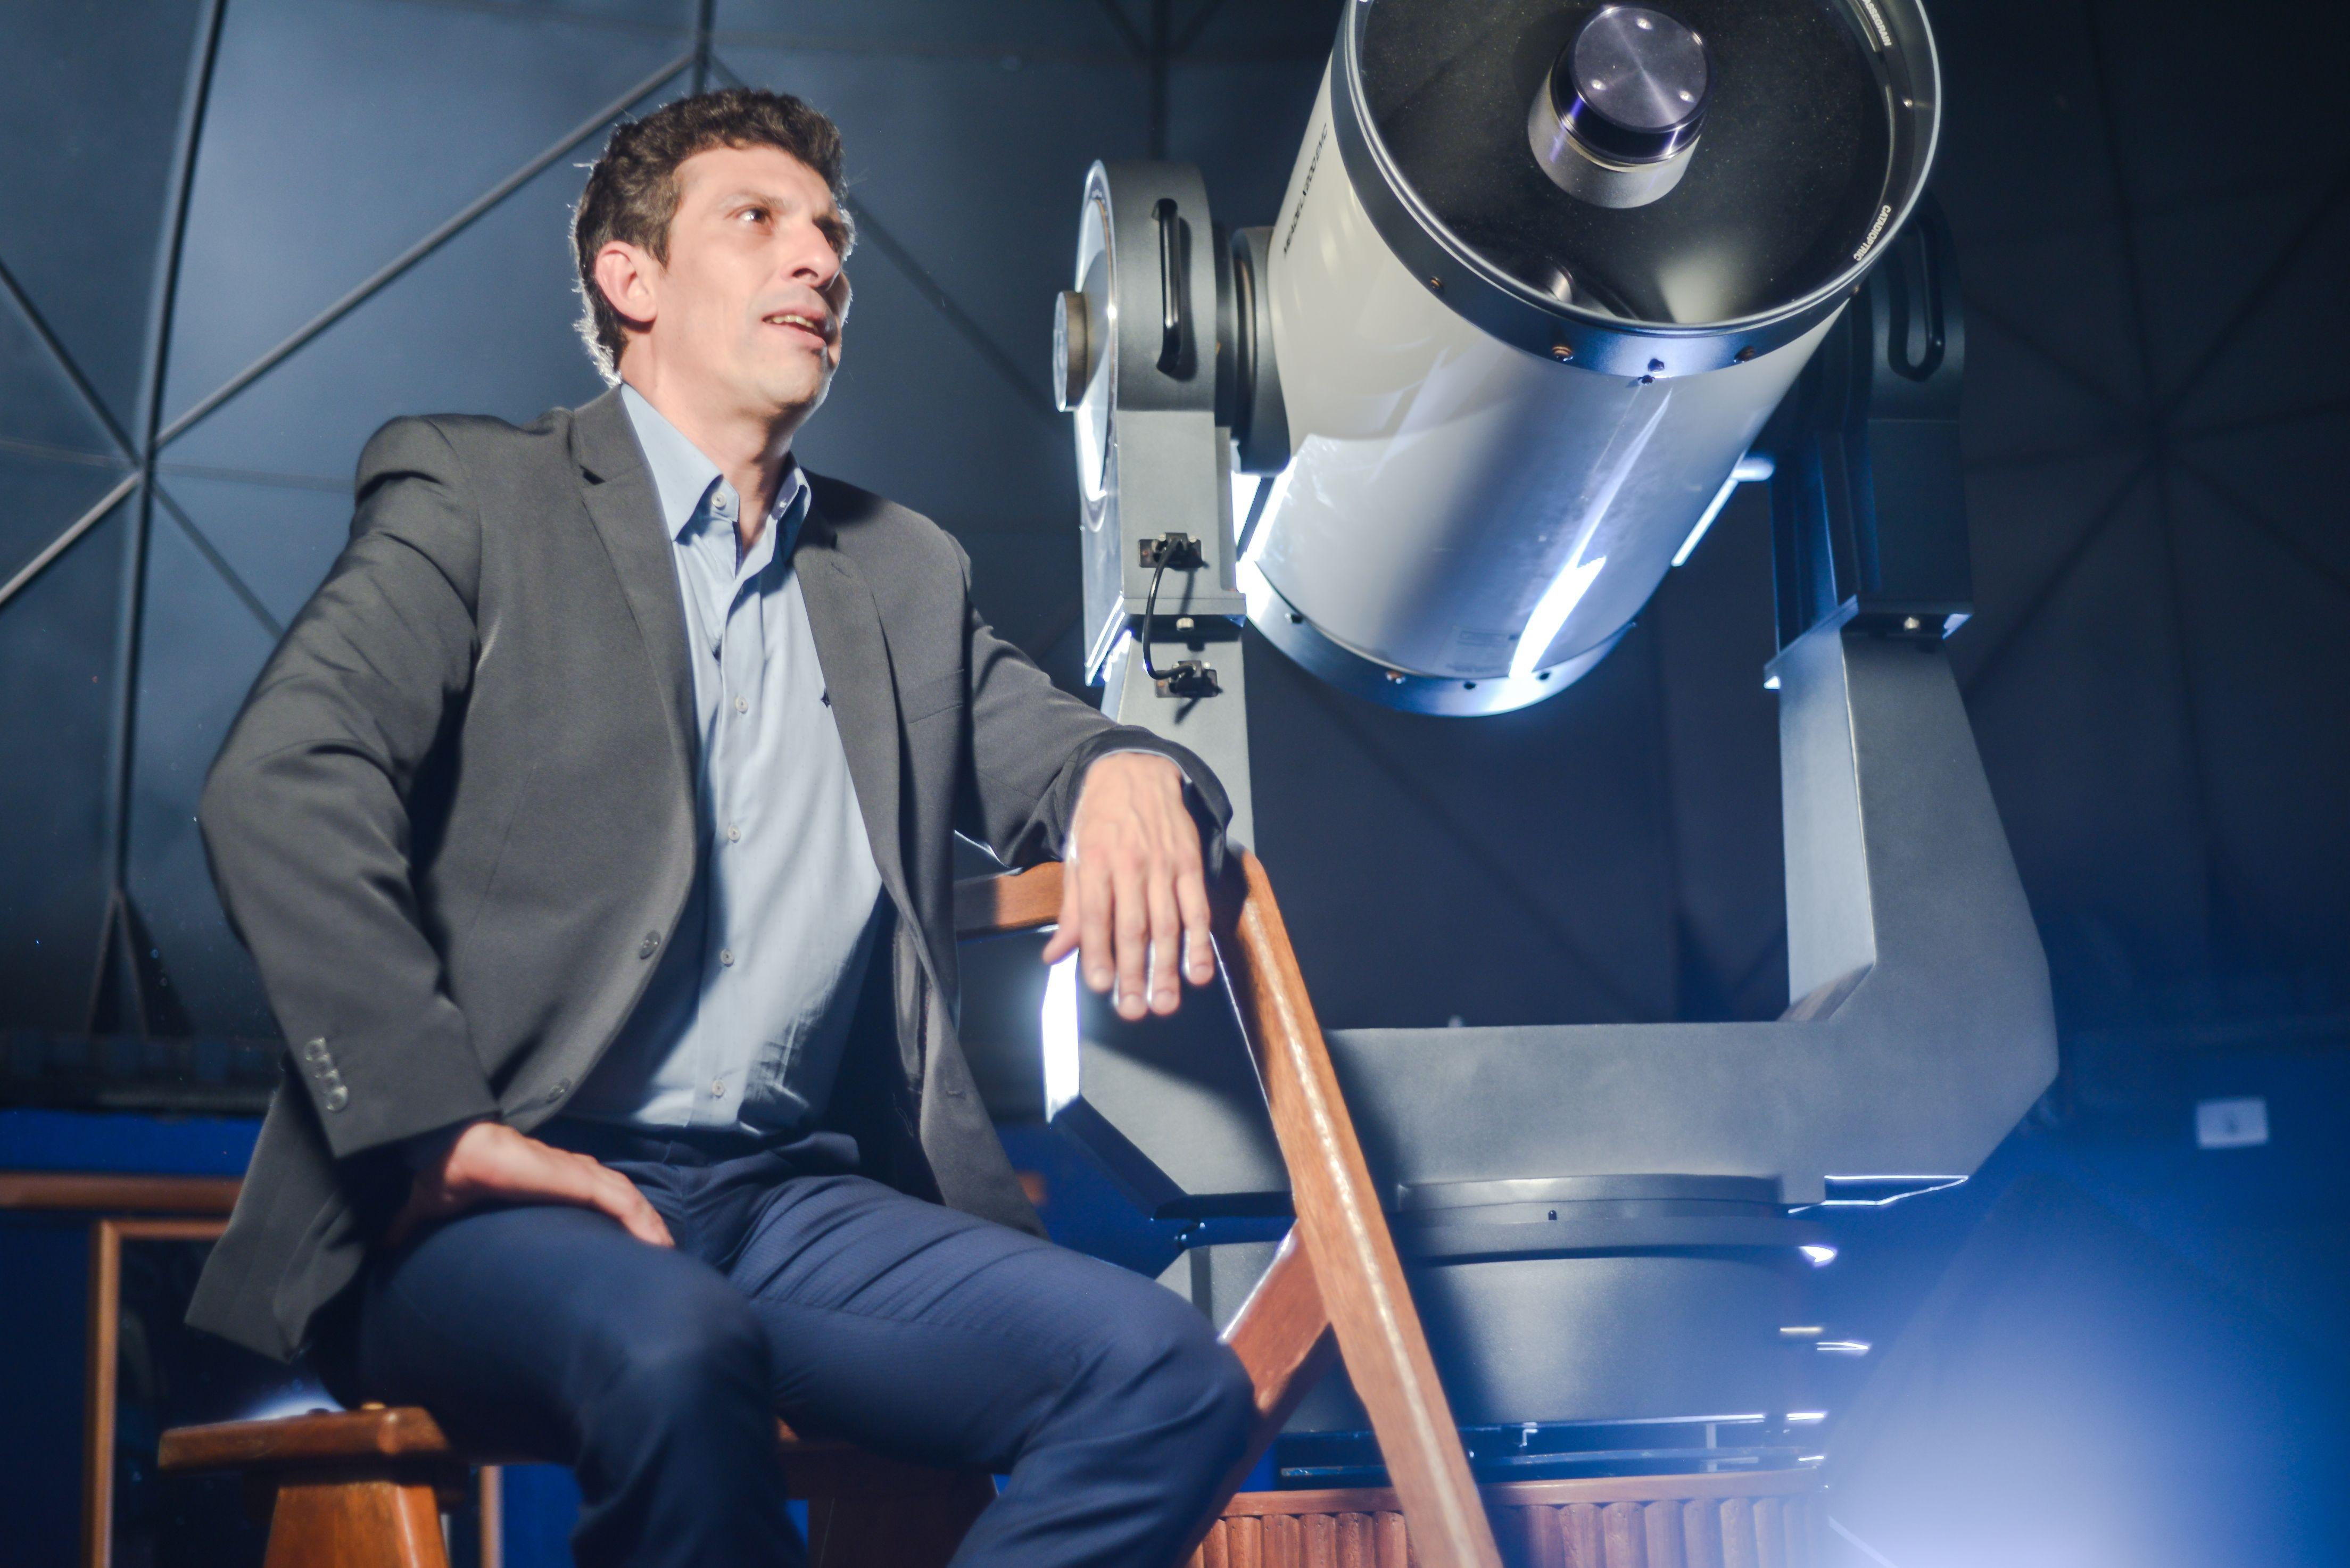 : TERRÁQUEO À frente do 'Segredos da Nasa', Mihem Cortaz vai investigar o avistamento de OVNIs a partir do dia 26 no Discovery Channel (Créditos: Cauê Moreno/Discovery)